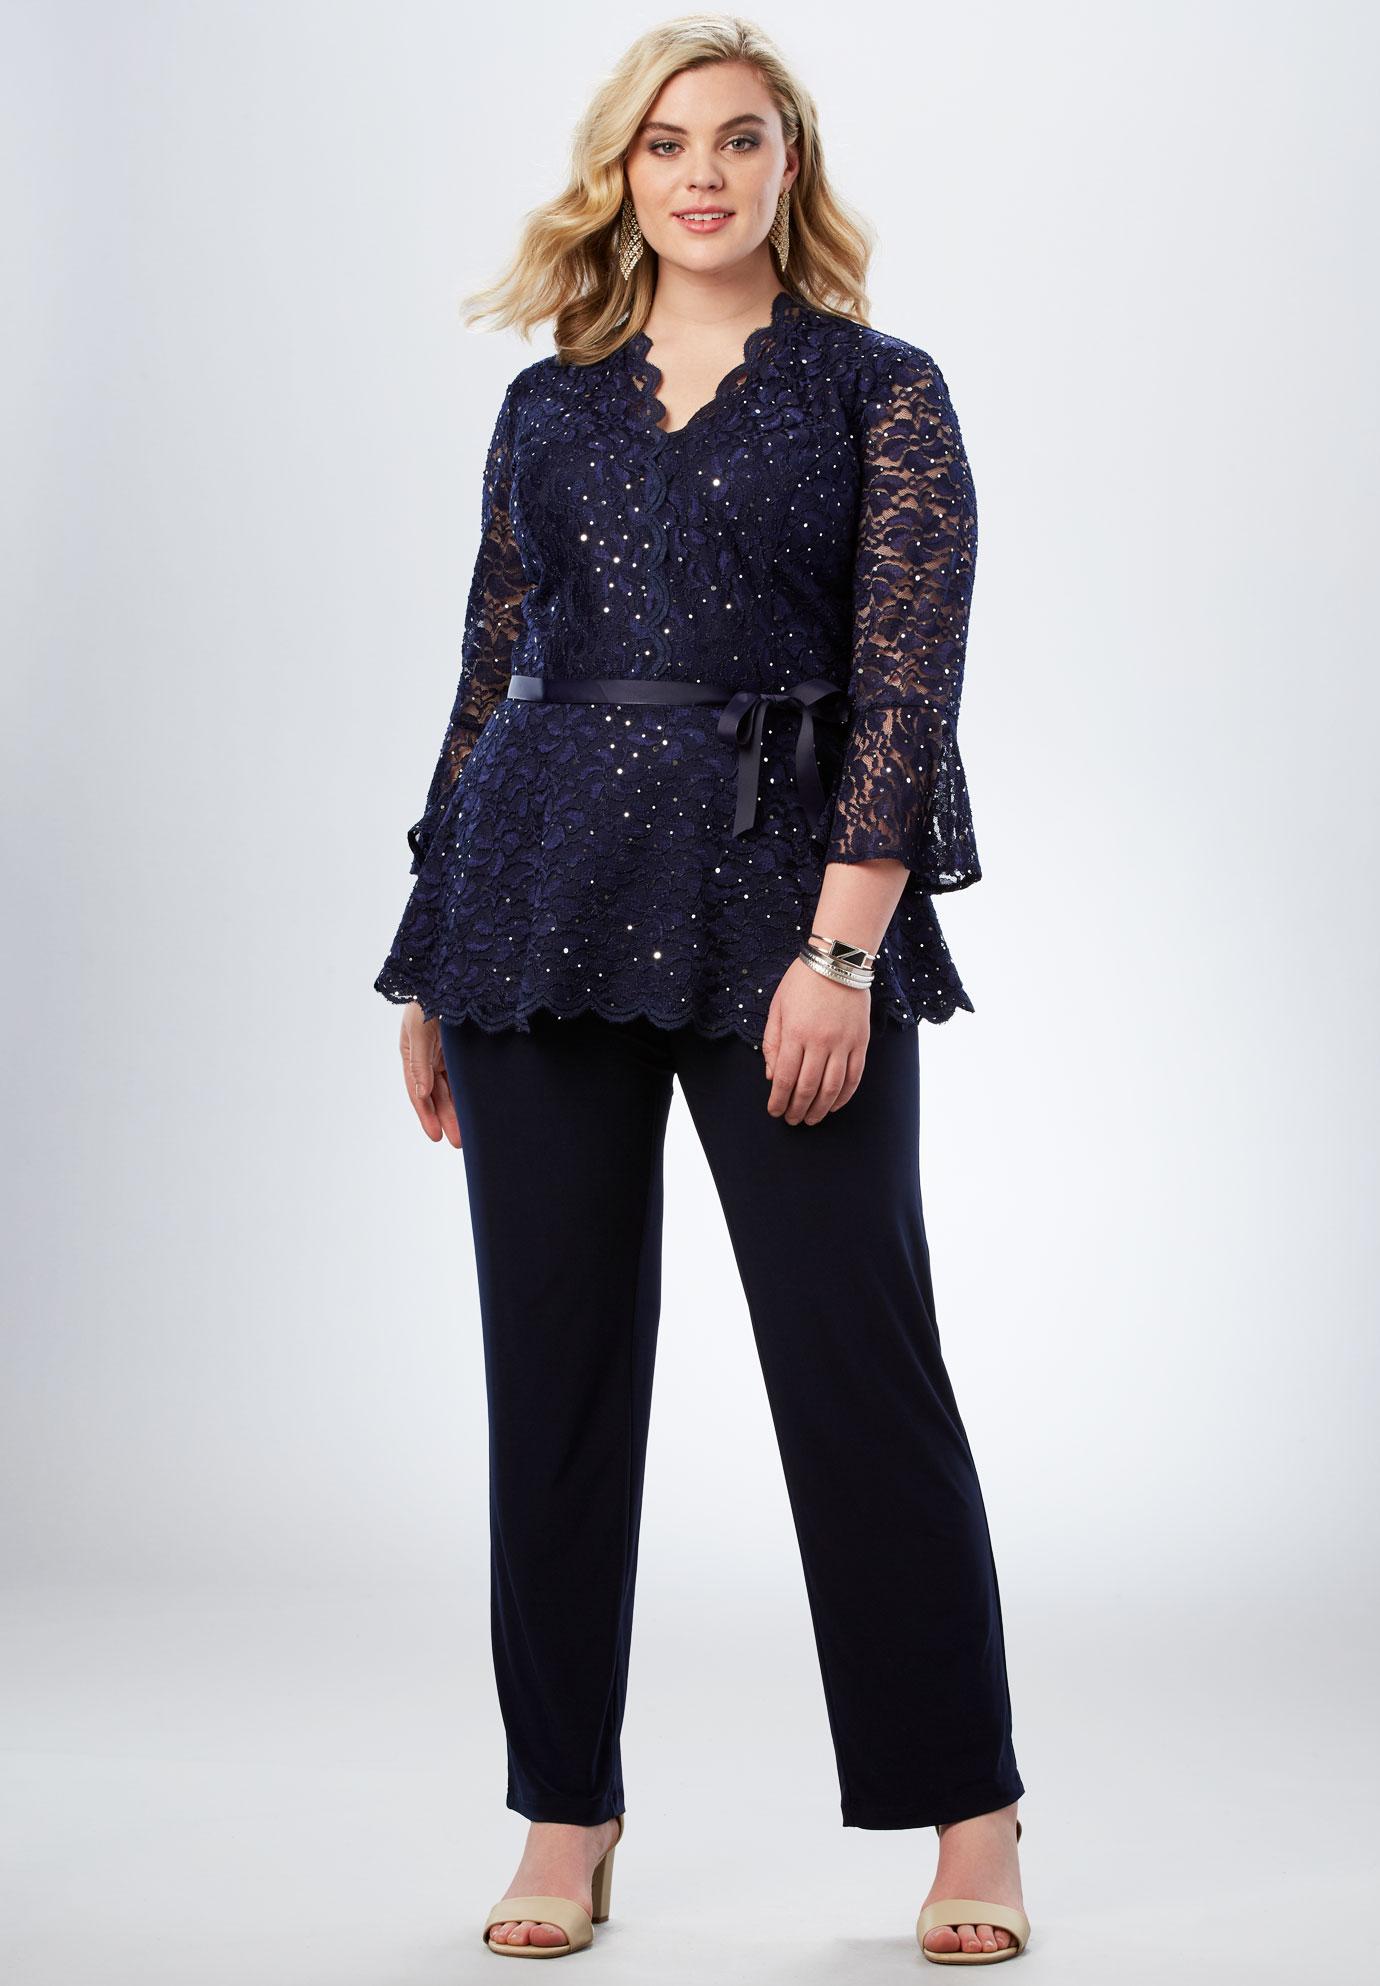 4b5d241d110 Lace Peplum Pant Set| Plus Size Party & Cocktail Dresses | Roaman's